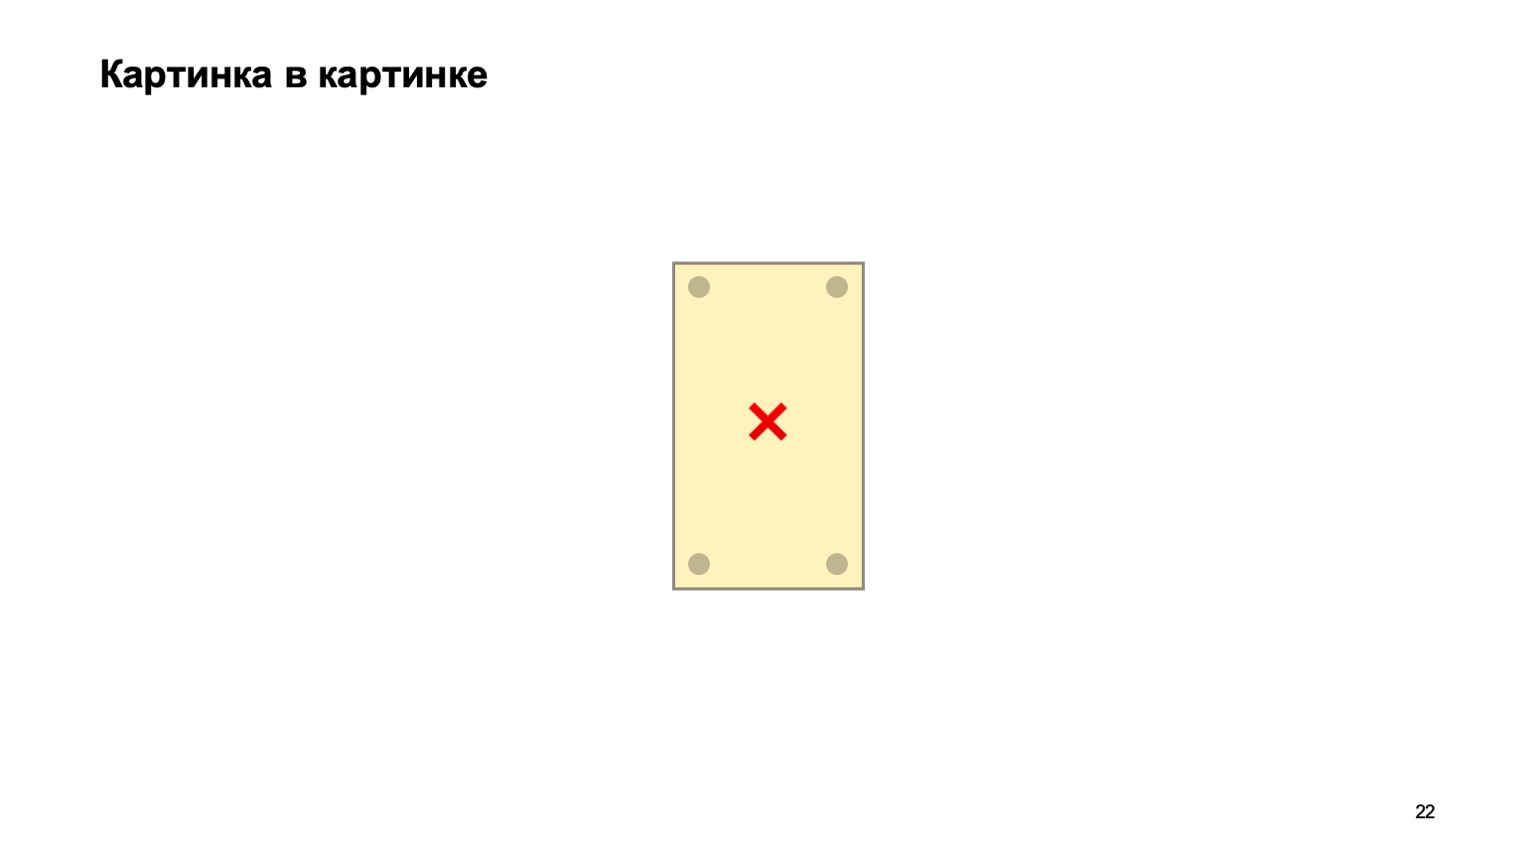 Мобильная разработка — это просто и скучно? Доклад Яндекса - 22